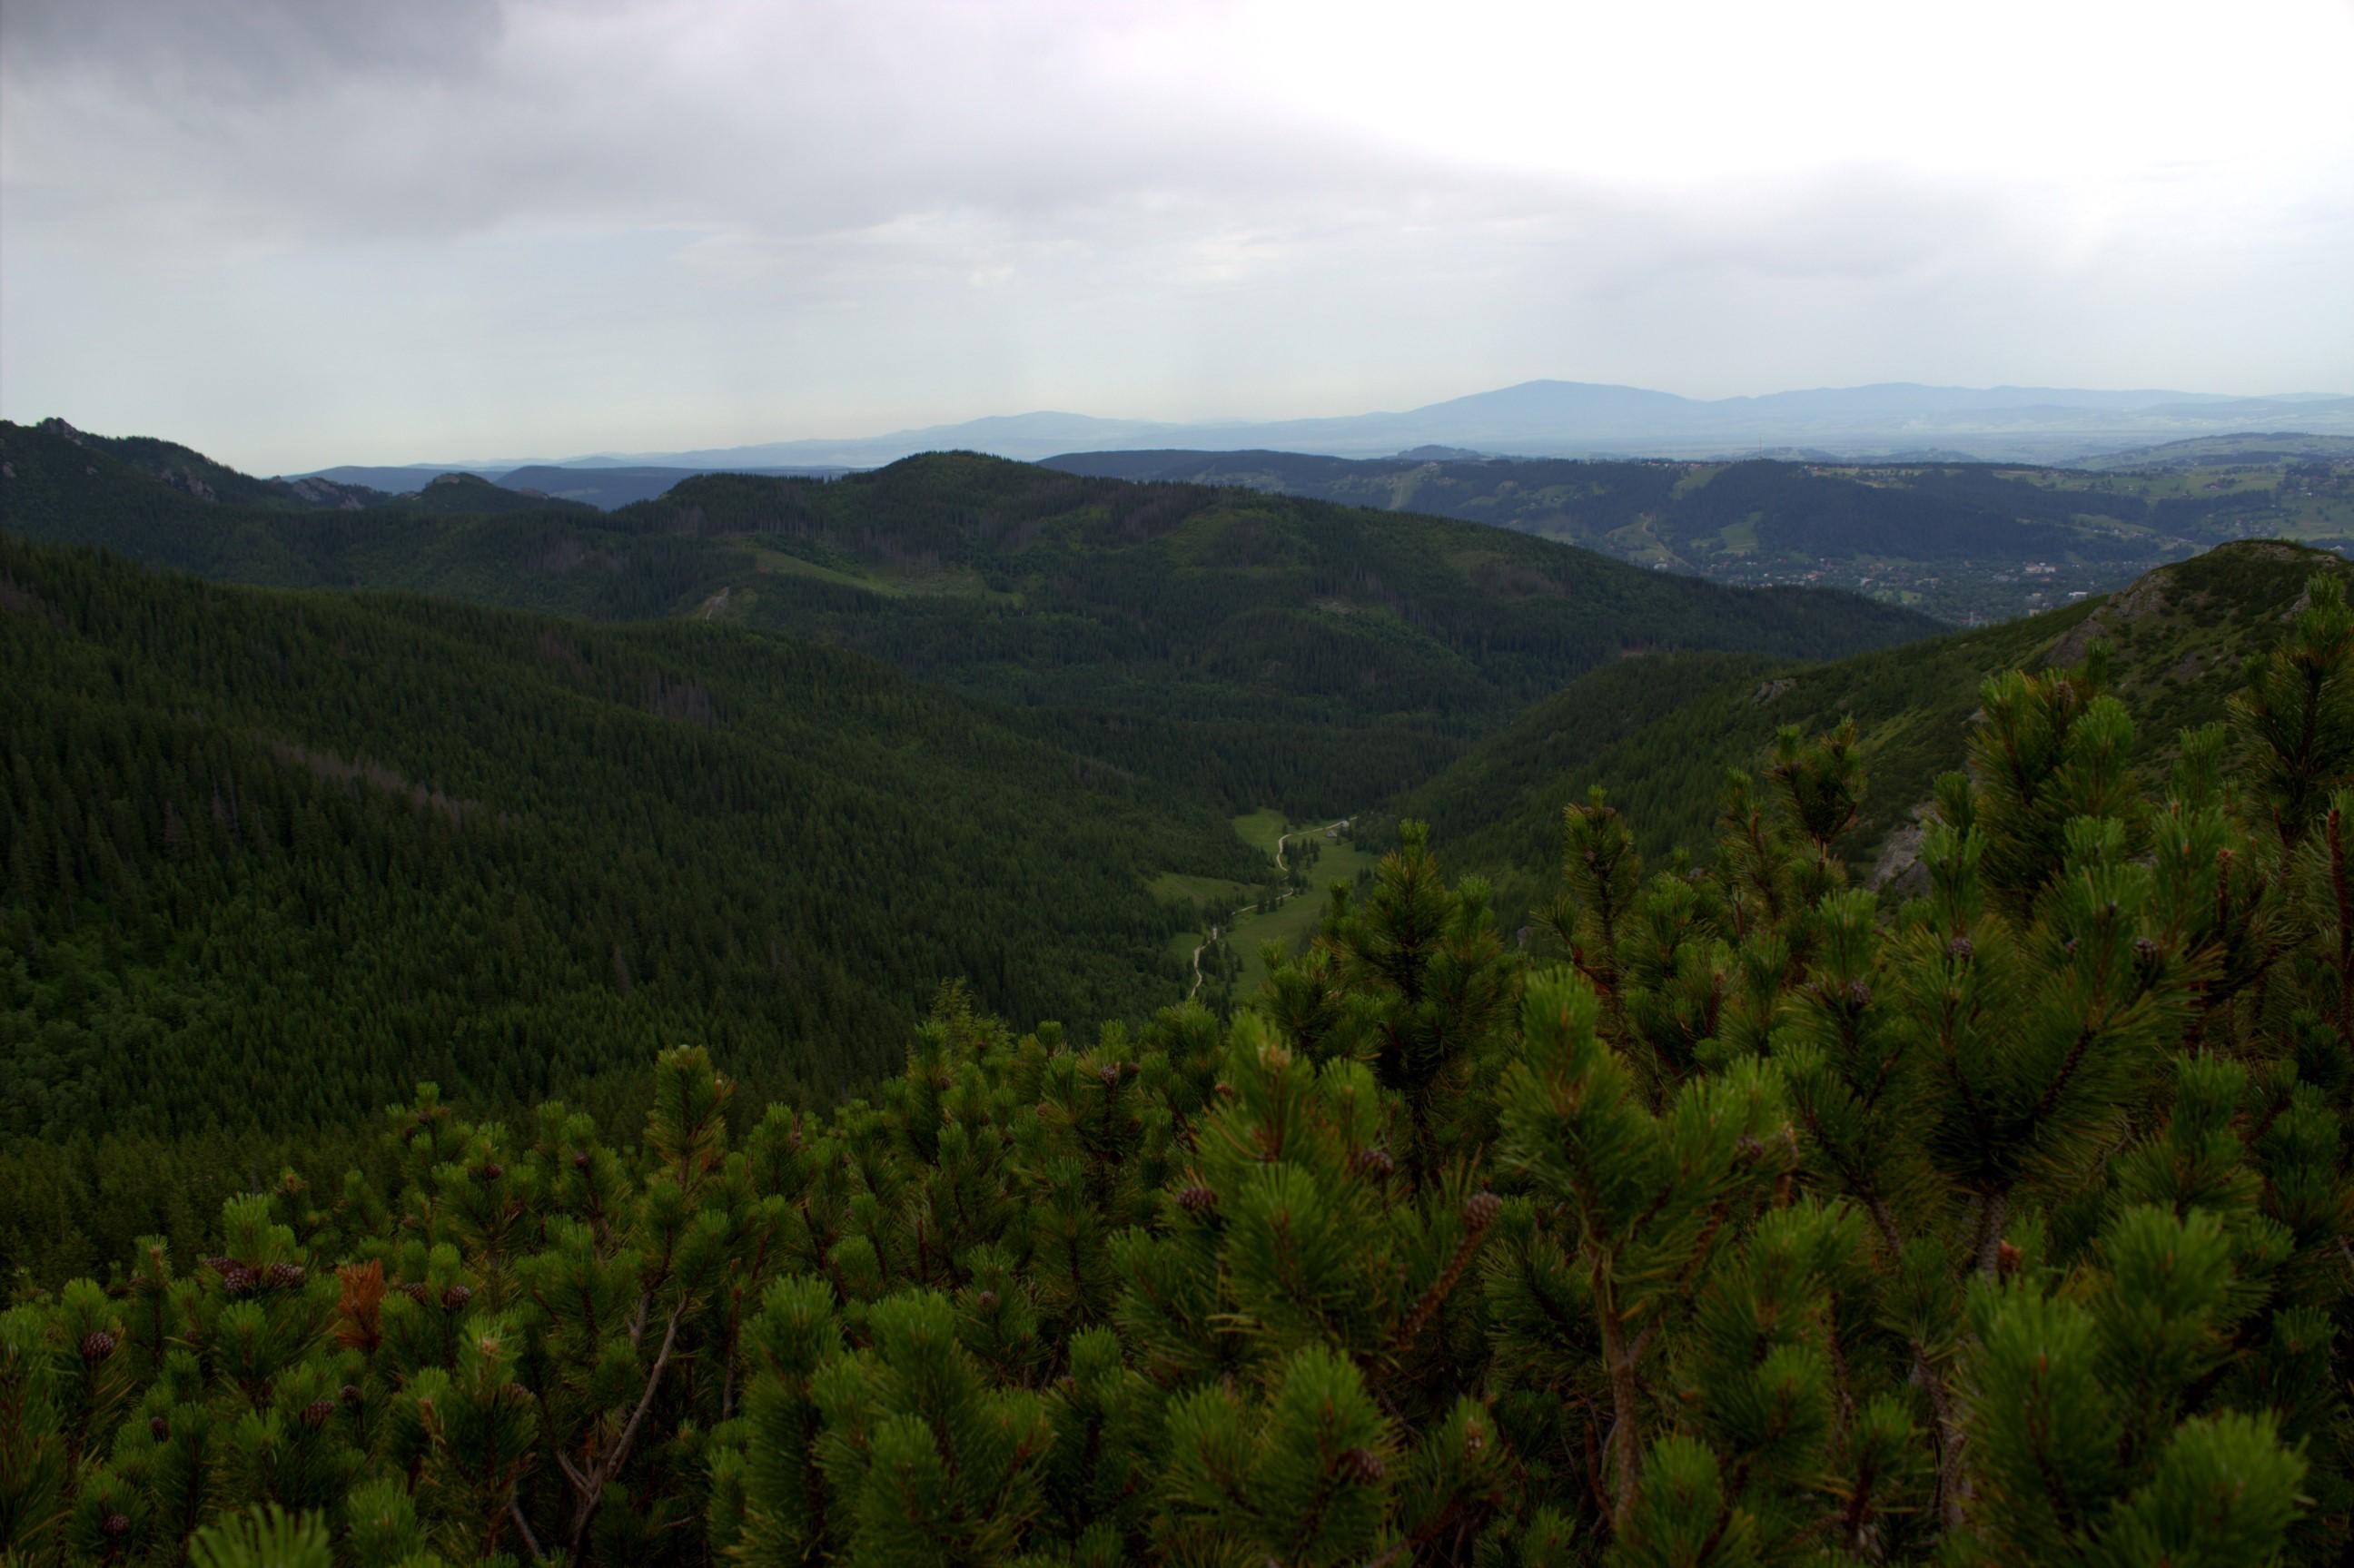 Na Przełęczy między Kopami. Widok na Dolinę Jaworzynki